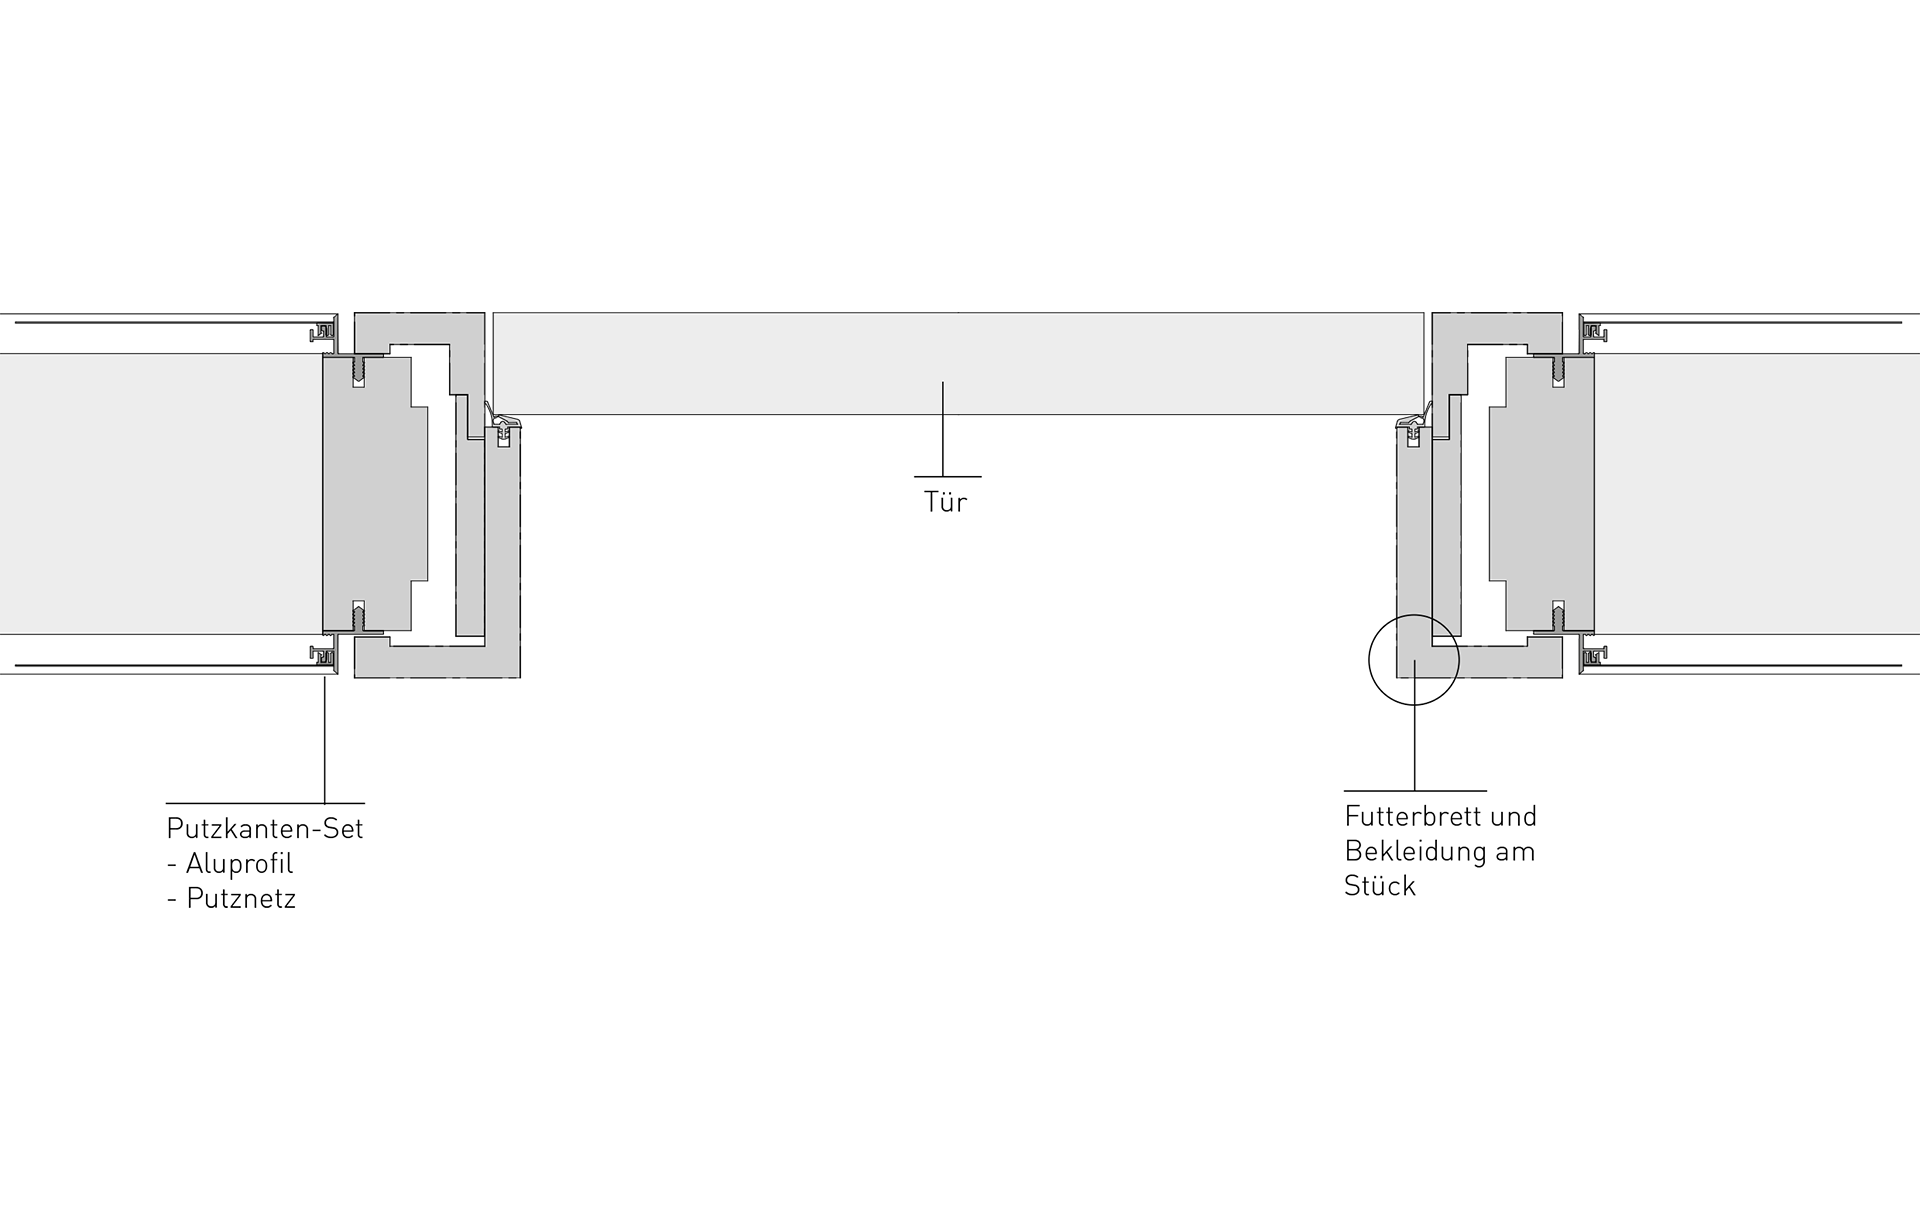 Wandbündige Holz-Zarge Stumpf einschlagend Kombination Bekleidung und Futterbrett